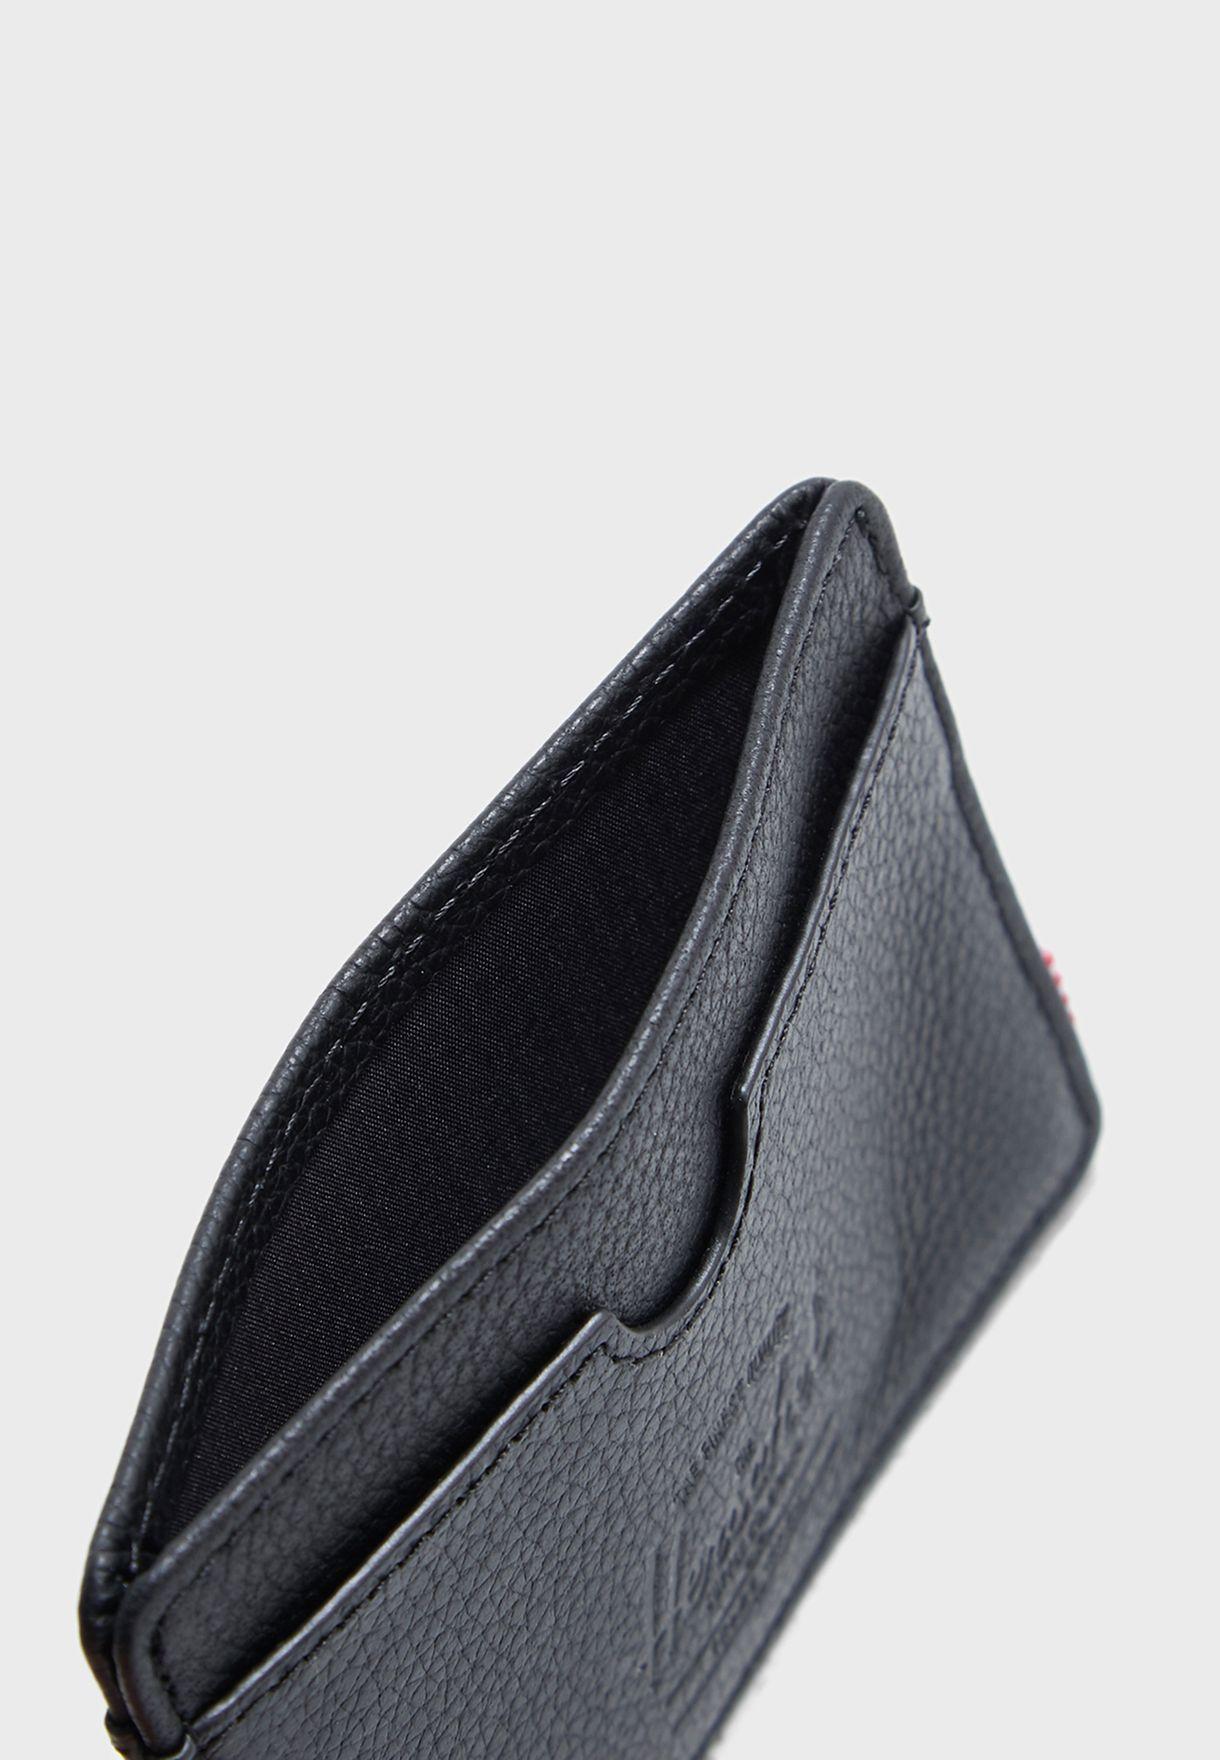 Charlie Leather RFID Cardholder Wallet